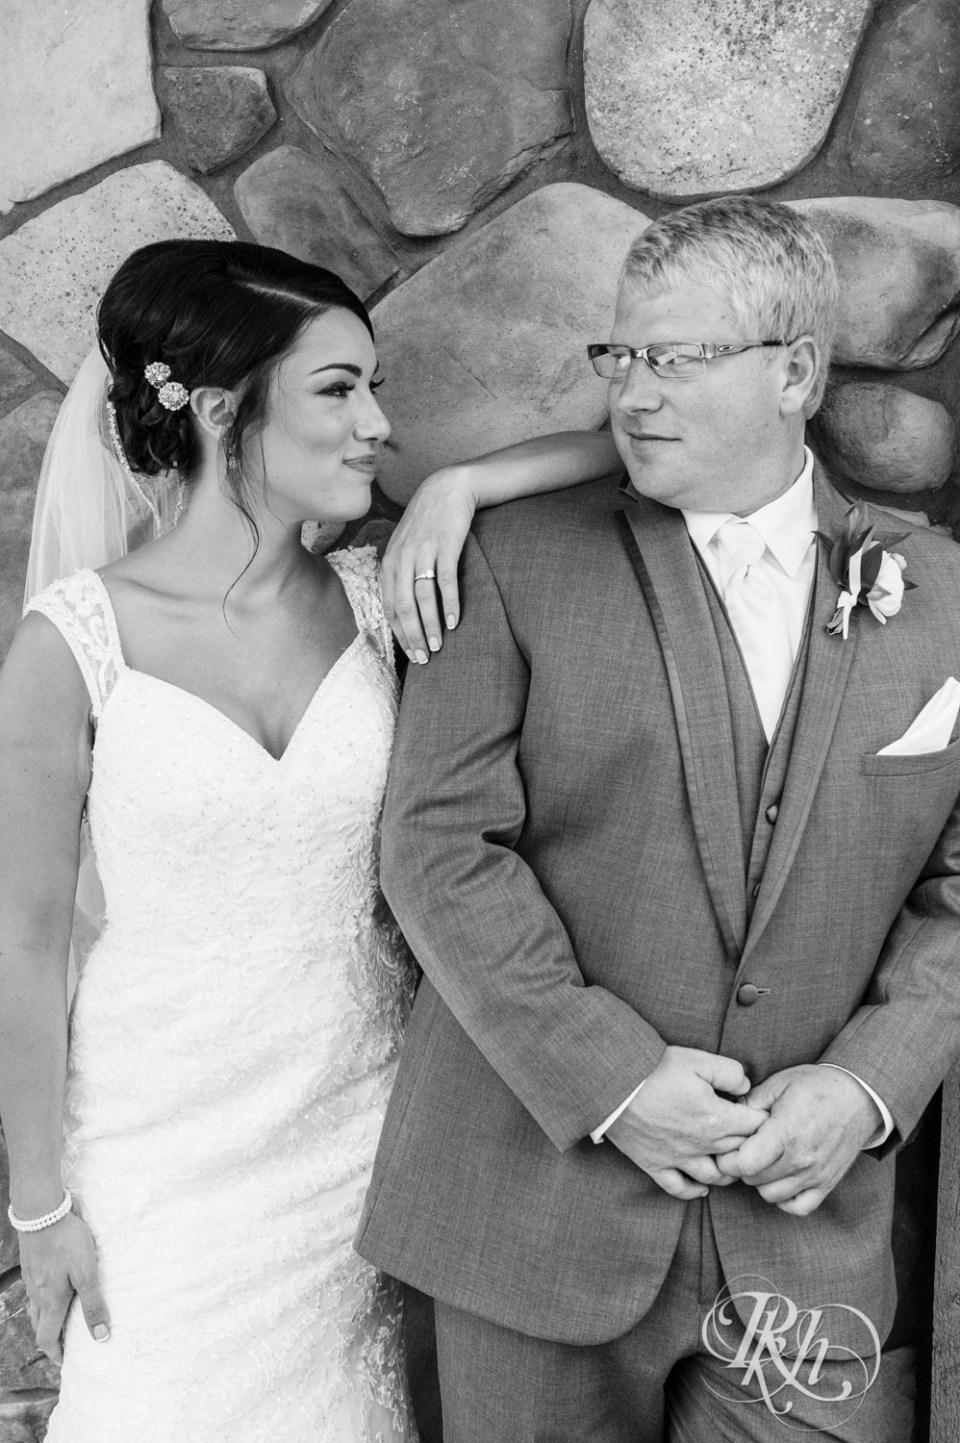 Super cute photo of bride looking at groom